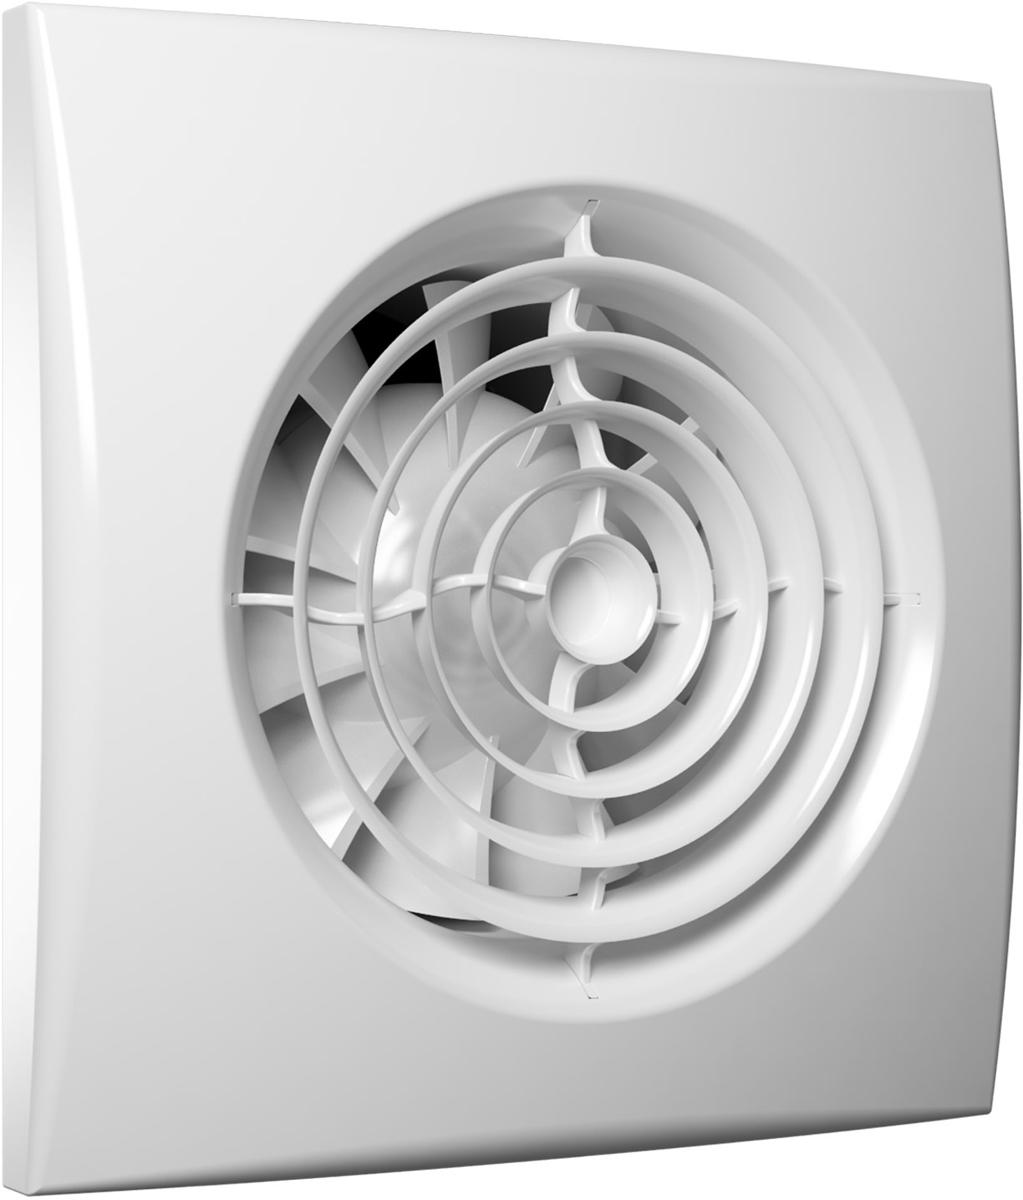 DiCiTi Aura 5C MRH вентилятор осевой вытяжнойAURA 5C MRHМалошумный осевой вытяжной декоративный вентилятор DiCiTi Aura 5C MRH с обратным клапаном, контроллеромFusion Logic 1.1 и диаметром фланца 125 мм. Автоматический обратный клапан, защищающий от обратной тяги,предотвращает проникновение запахов, влаги из вентиляционного канала. Мультирежимный контроллер FusionLogic 1.1 отвечает за режимы, время работы вентилятора и уровень влажностив вентилируемом помещении.Используется для постоянной или периодической вытяжной вентиляции санузлов, душевых, кухонь и другихбытовых помещений. Монтаж осуществляется в вентиляционные шахты или соединения с воздуховодами.Корпус и крыльчатка выполнены из высококачественного и прочного ABS-пластика, стойкого к ультрафиолету.Конструкция крыльчатки позволяет повысить эффективность вентилятора и срок службы двигателя.Установлен двигатель на шарикоподшипниках с увеличенным сроком службы (до 40 000 рабочих часов) и низкимэнергопотреблением. Оснащен защитой от перегрева.